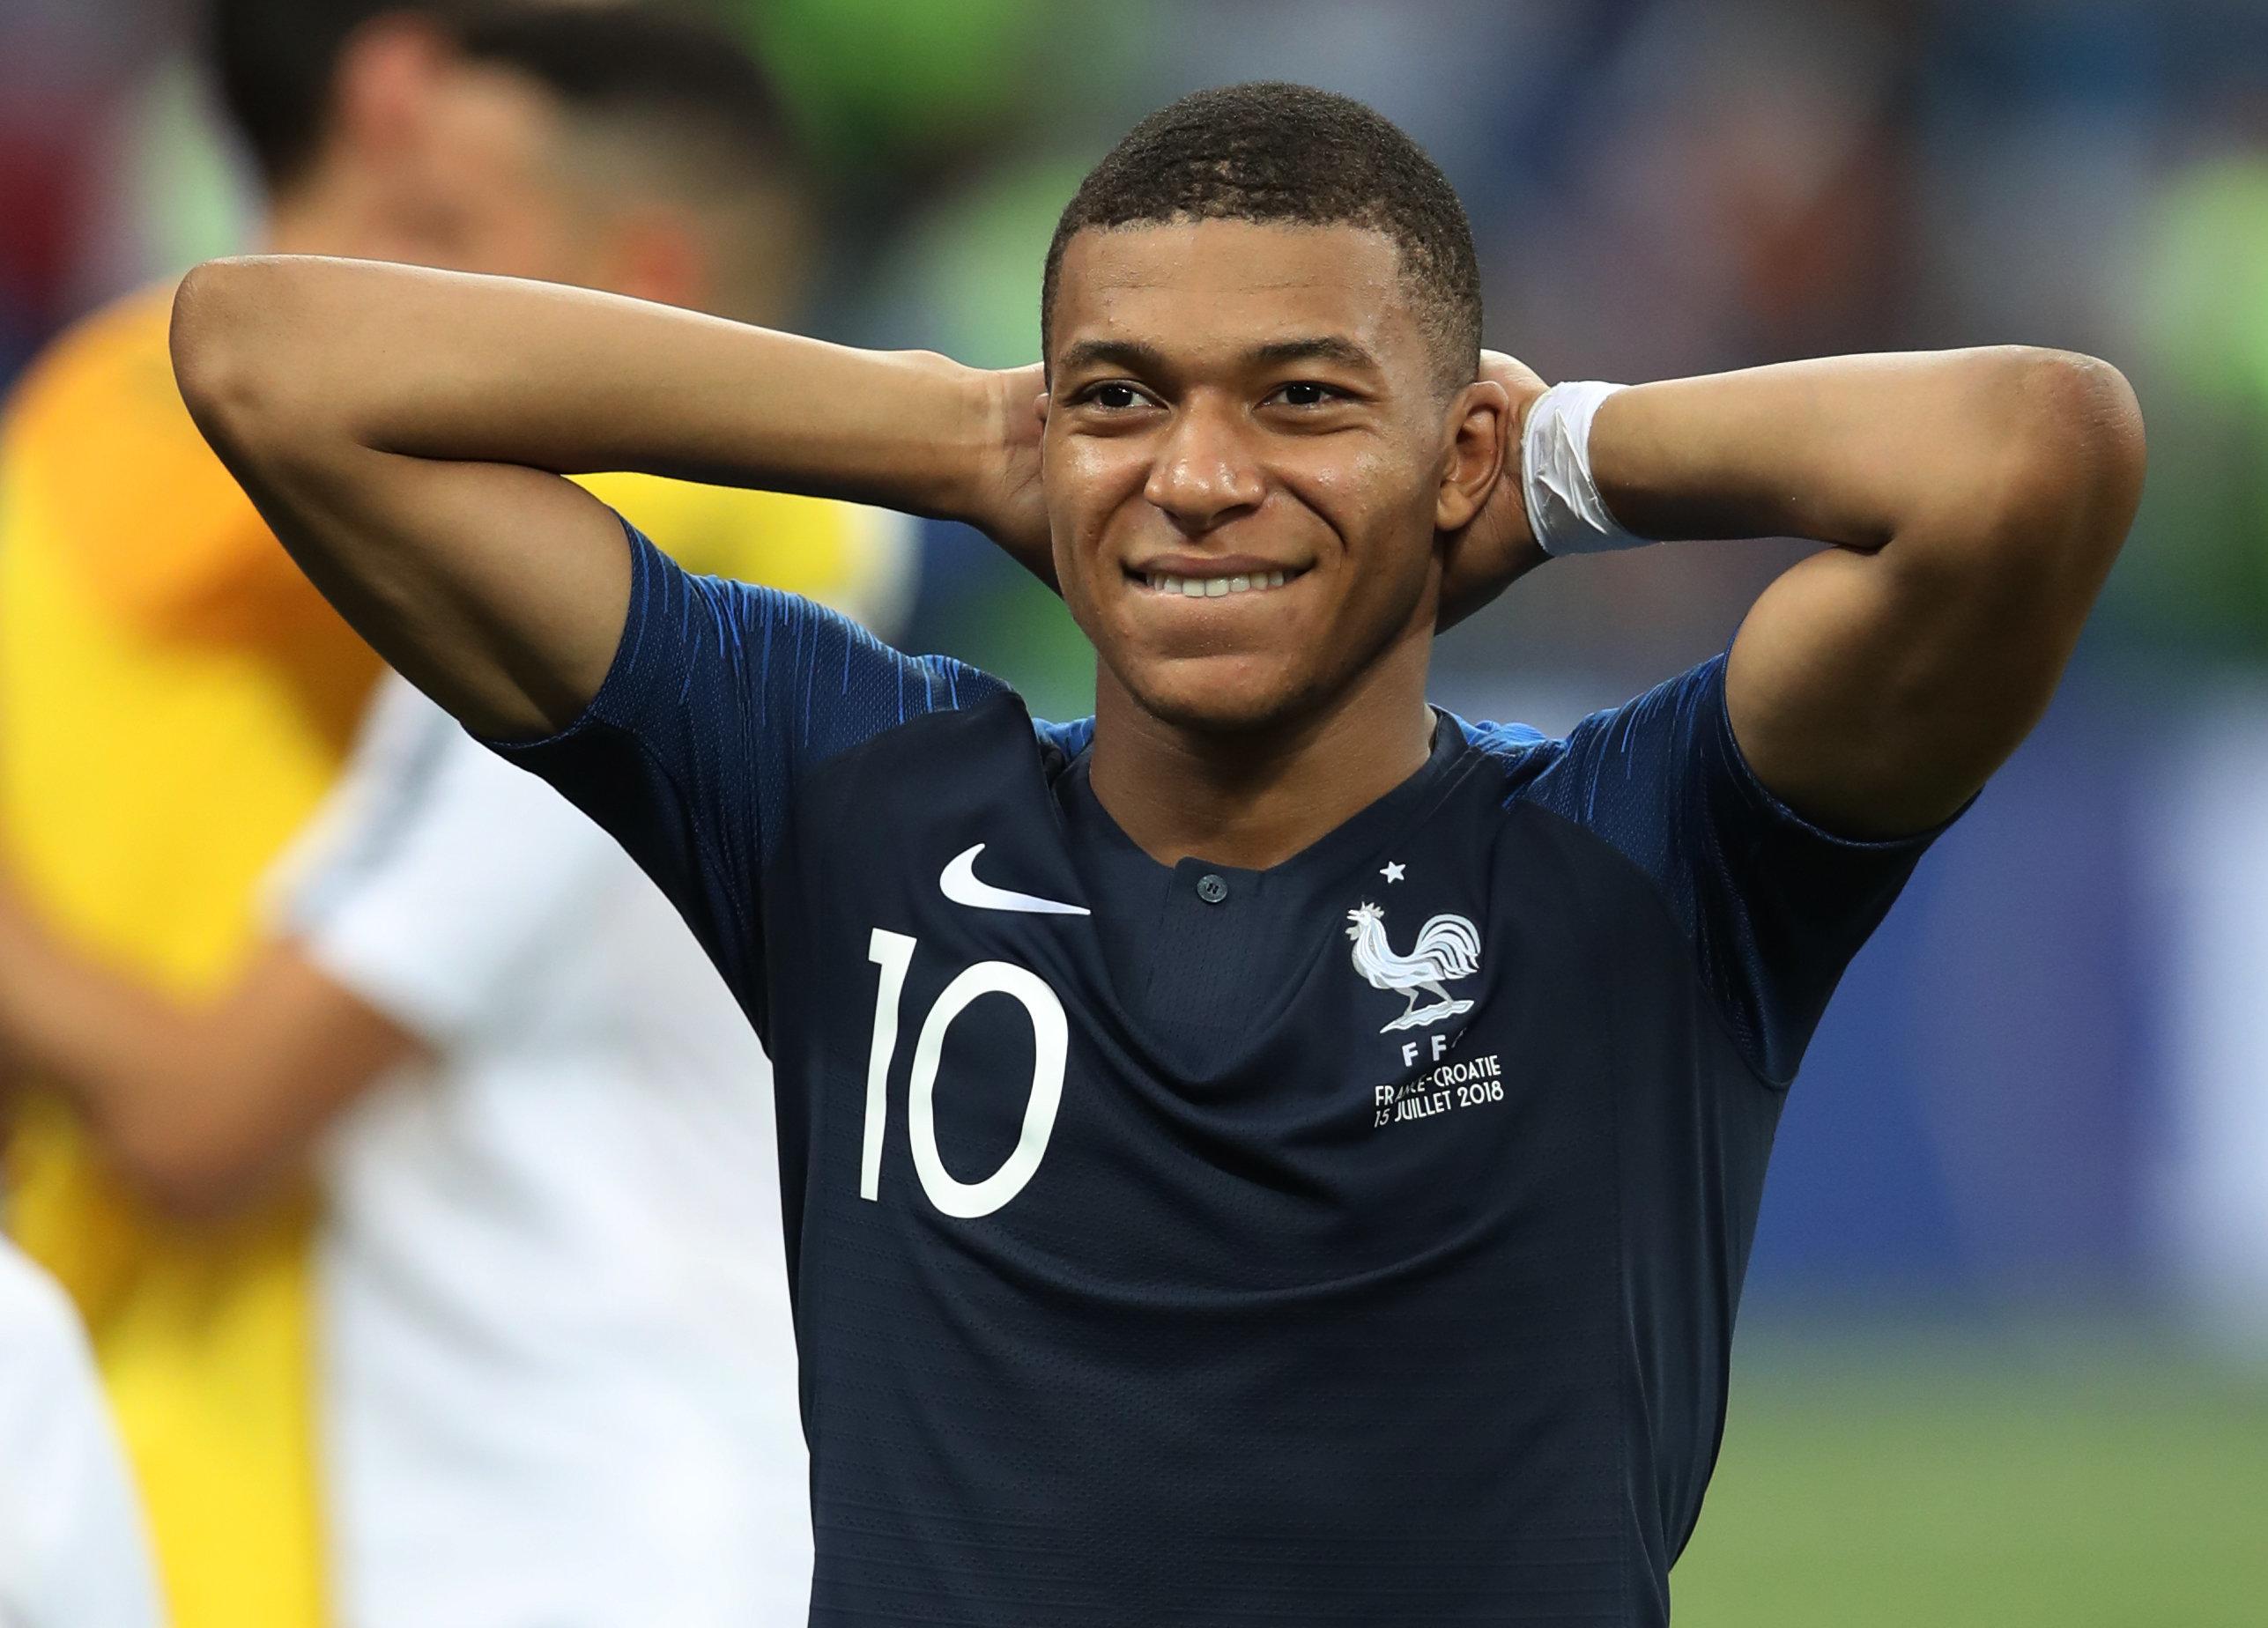 음바페가 이번 월드컵에서 받은 상금을 몽땅 써버린